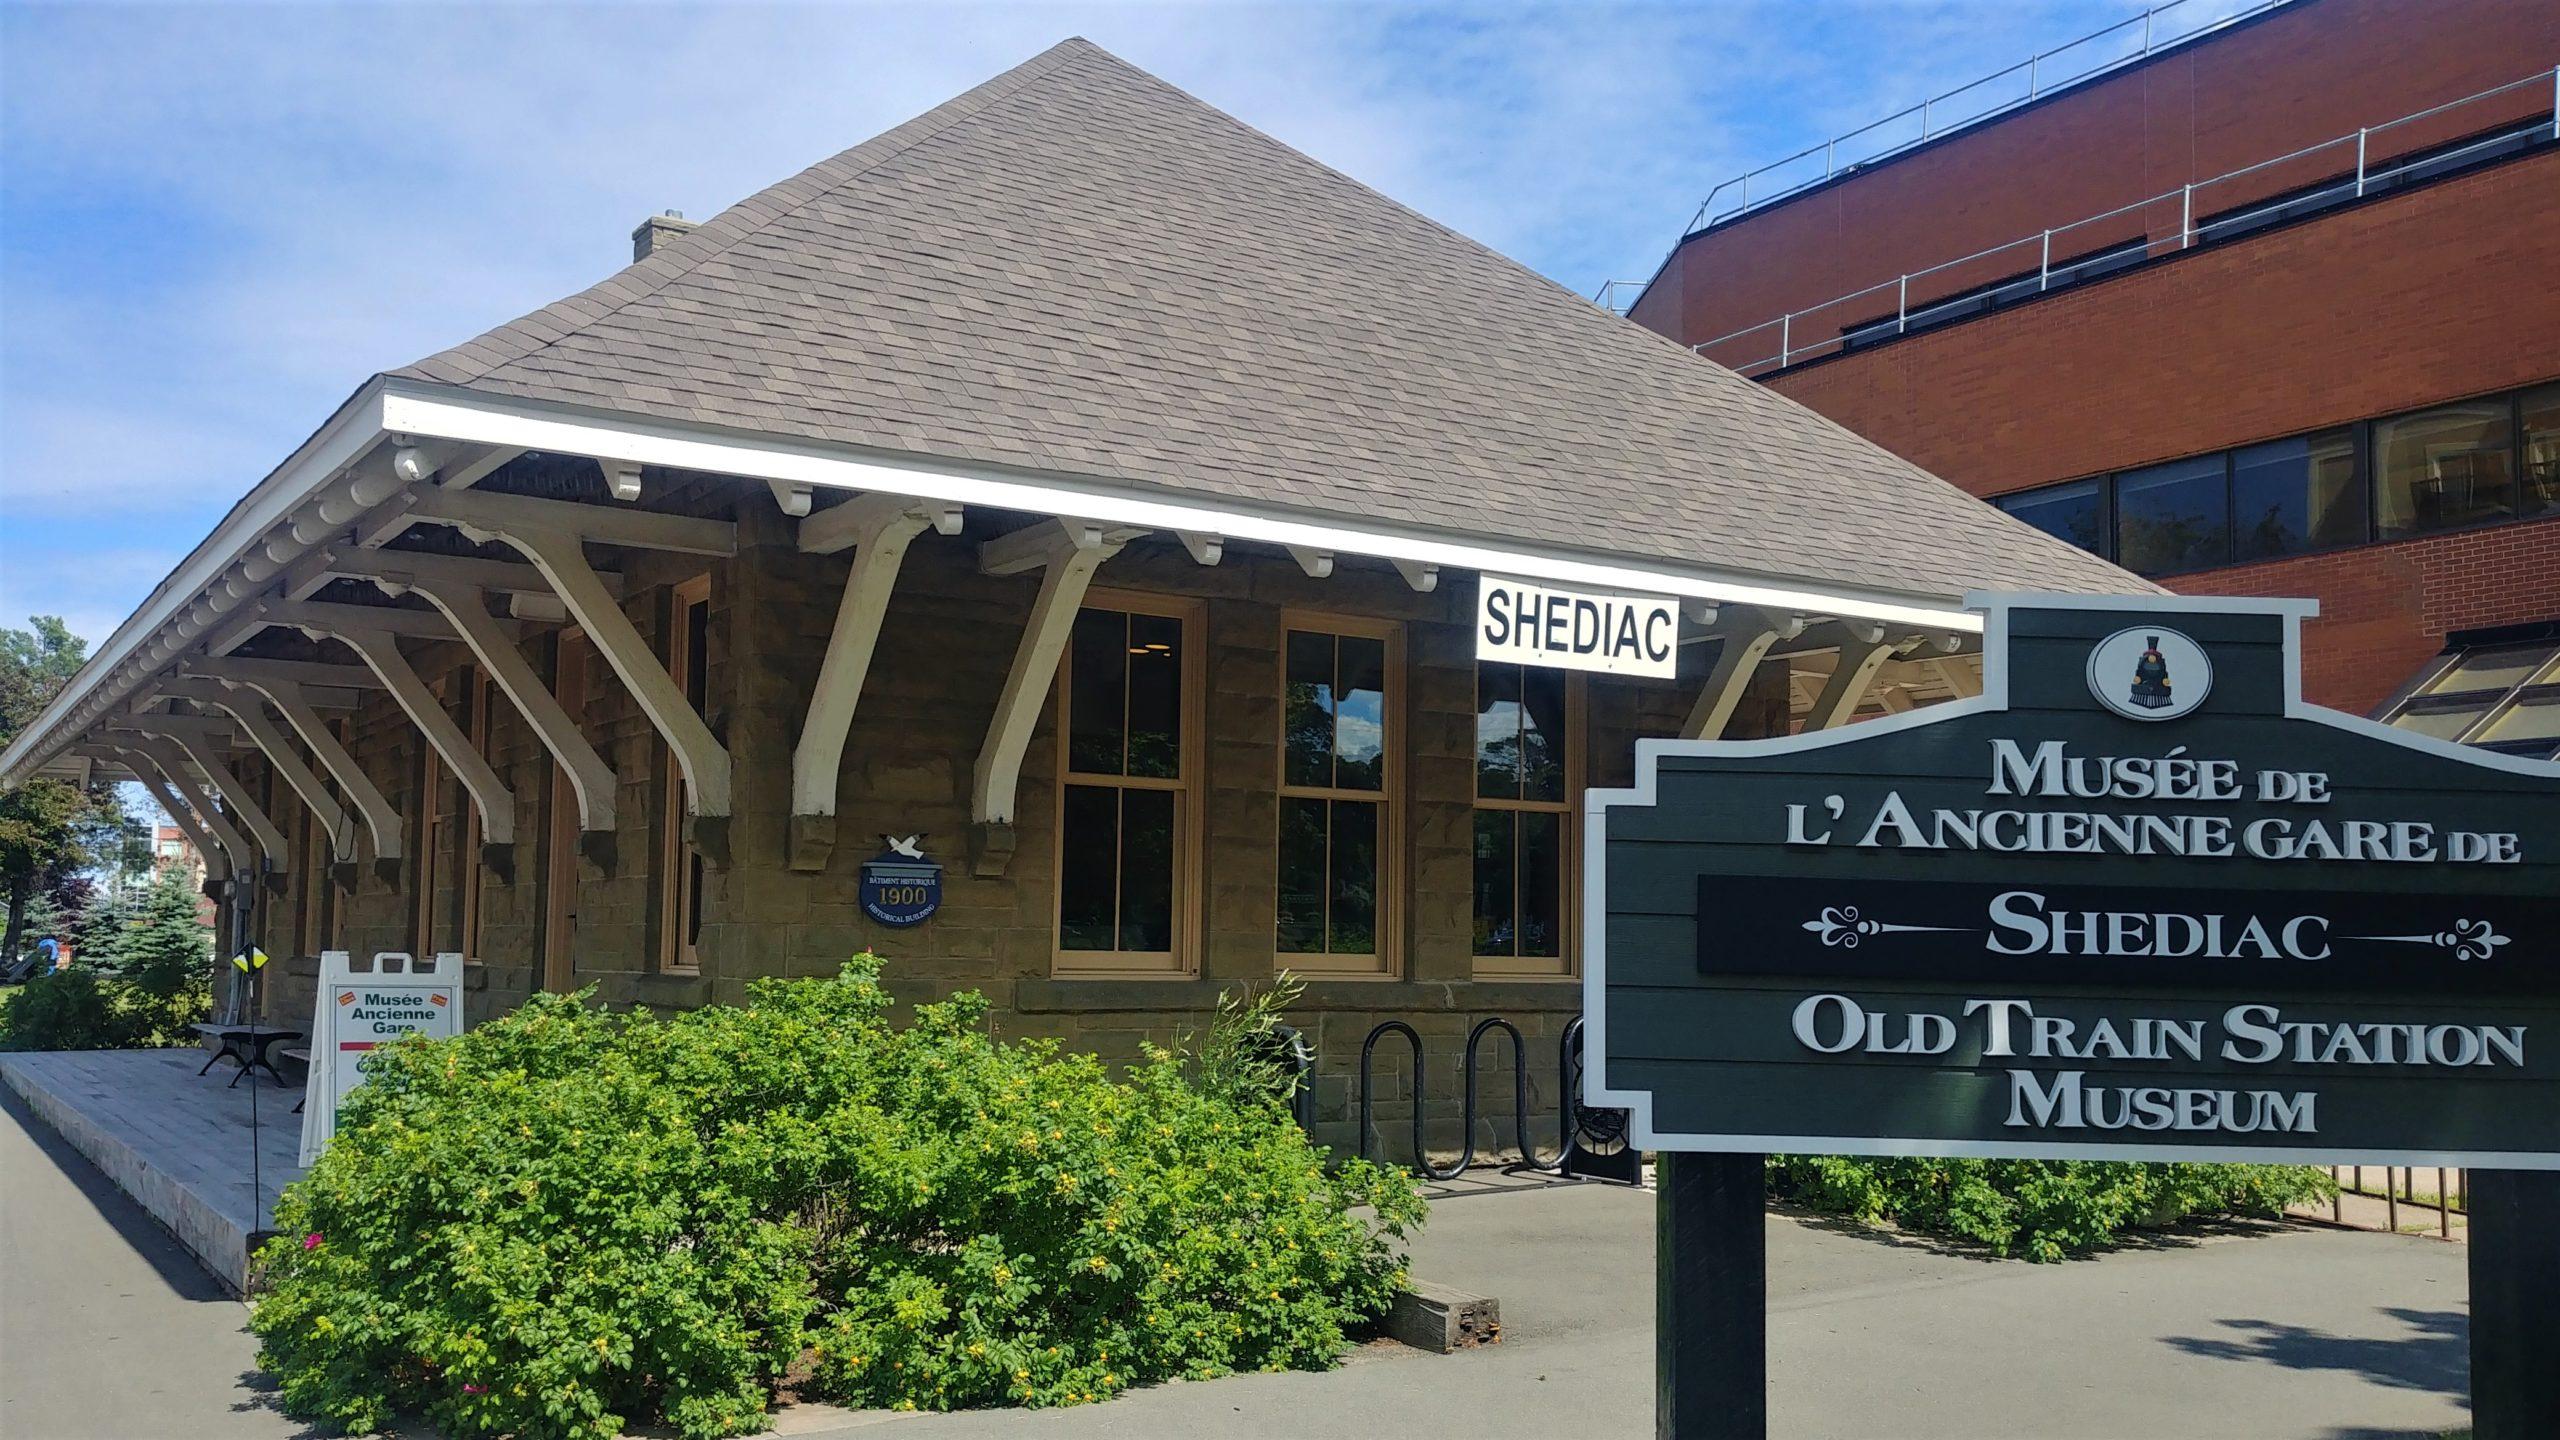 Musée ancienne gare Shediac Nouveau-Brunswick Canada